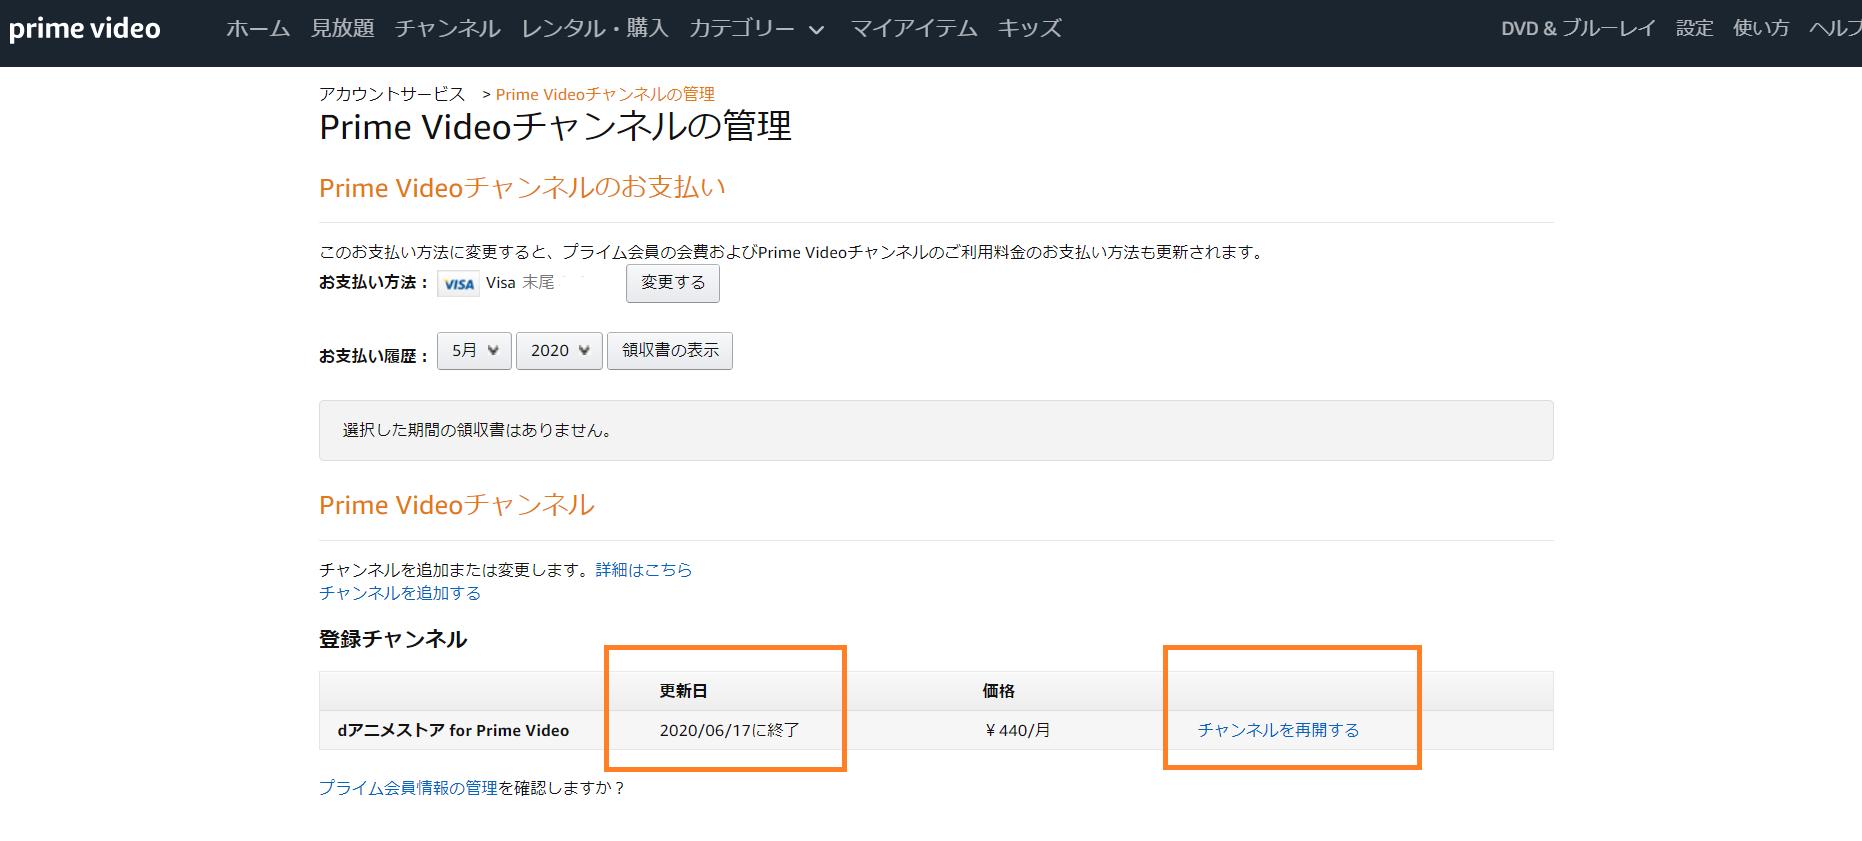 Amazon Prime Videoの公式サイト